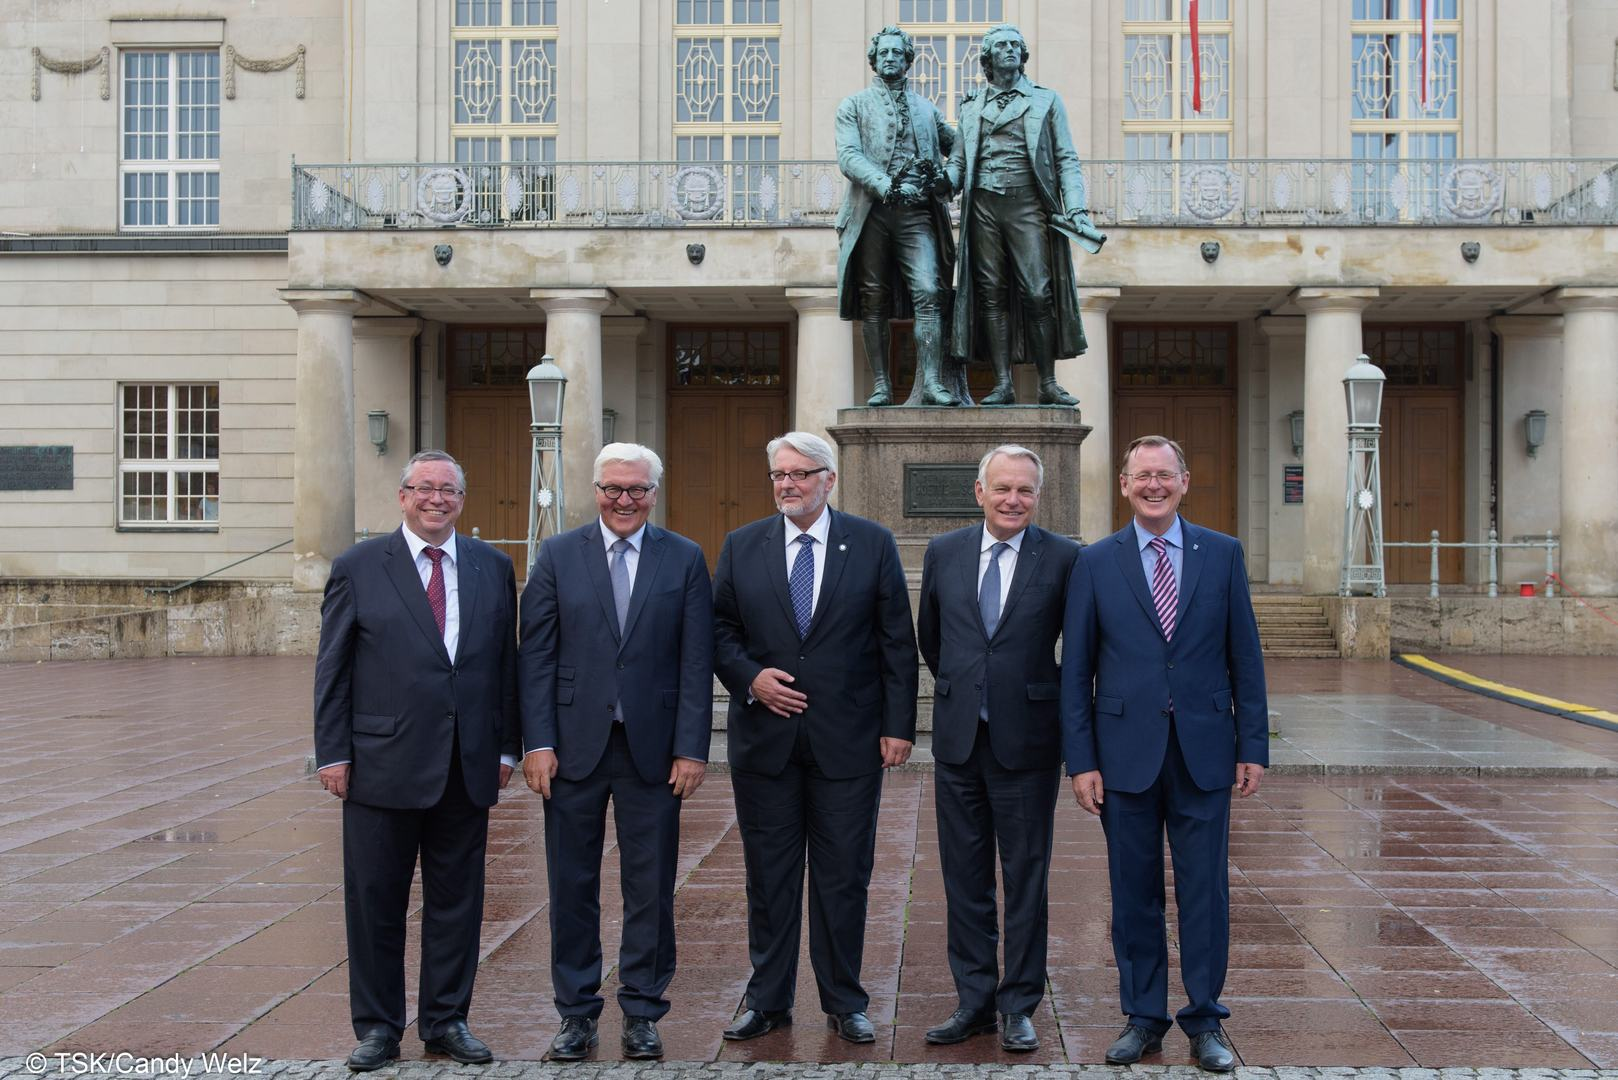 Bodo Ramelow (r) trifft die Außenminister Frank-Walter Steinmeier (2vl), Witold Waszczykowski (Polen, m) und Jean-Marc Ayrault (Frankreich, 2vr) in Weimar. Gruppenbild mit Oberbürgermeister Stefan Wolf vor dem Goethe-und-Schiller-Denkmal